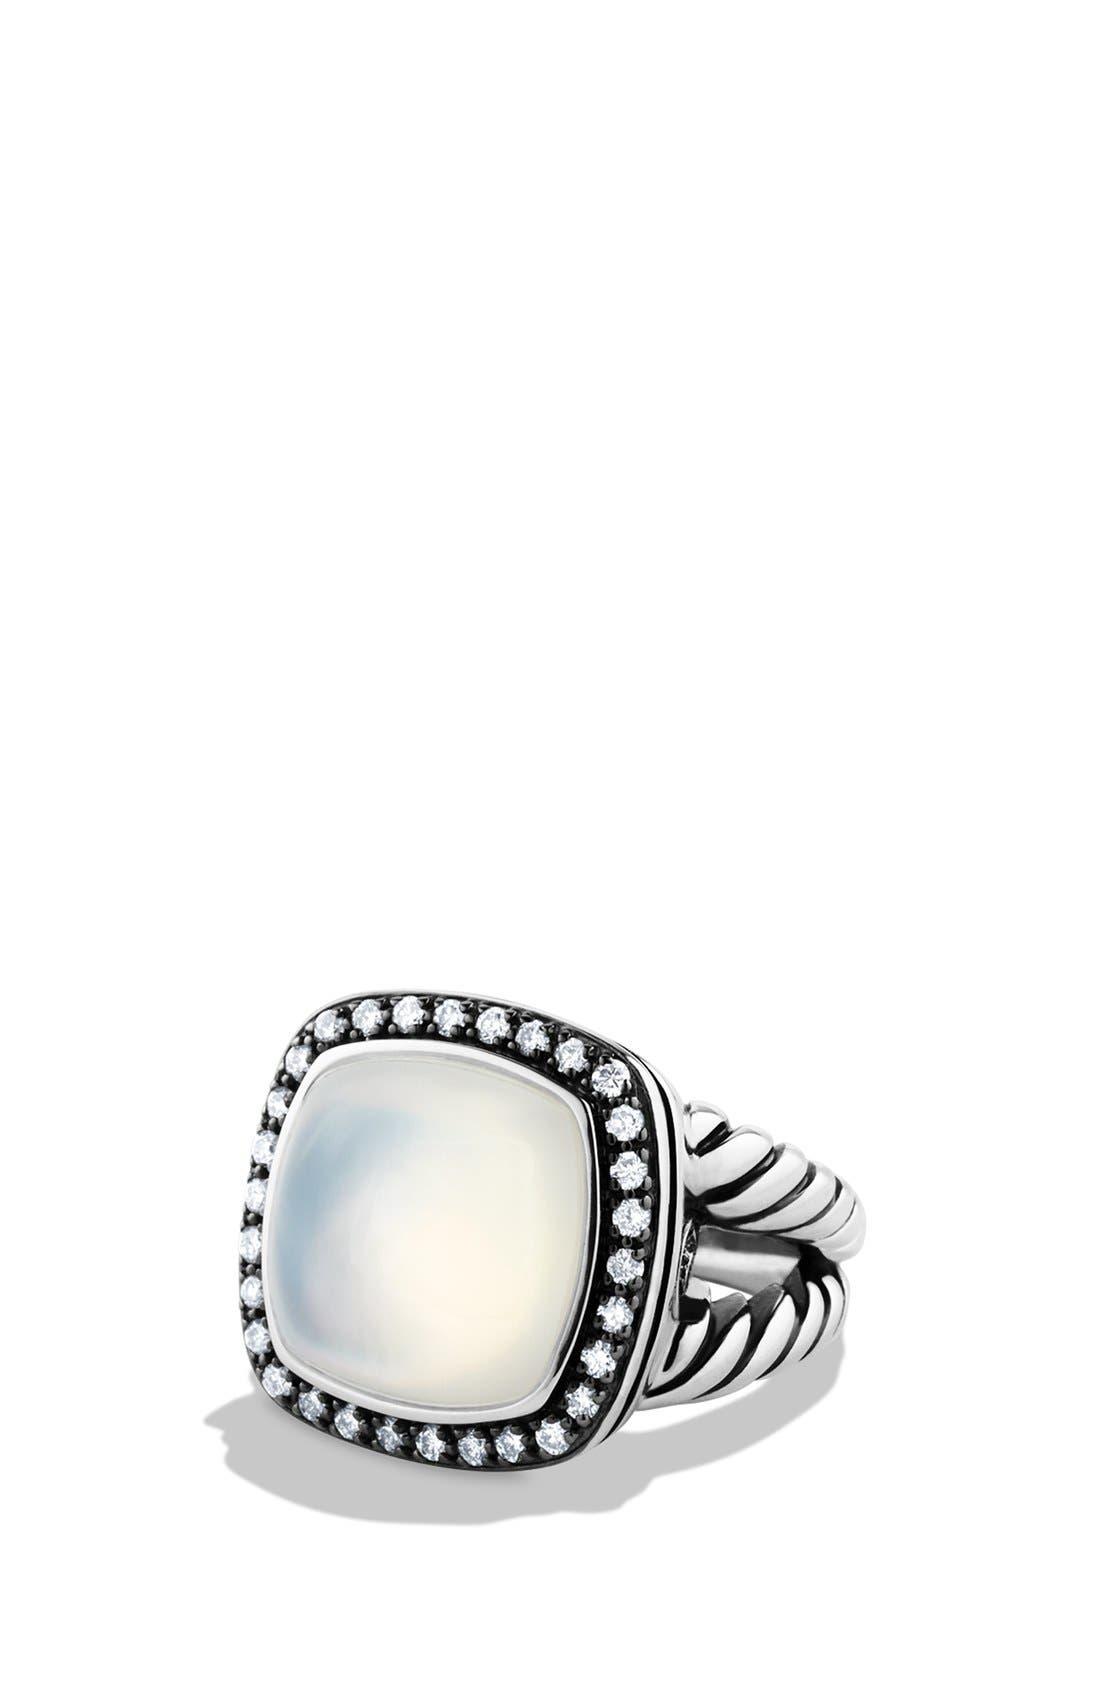 Main Image - David Yurman 'Albion' Ring with Semiprecious Stone & Diamonds